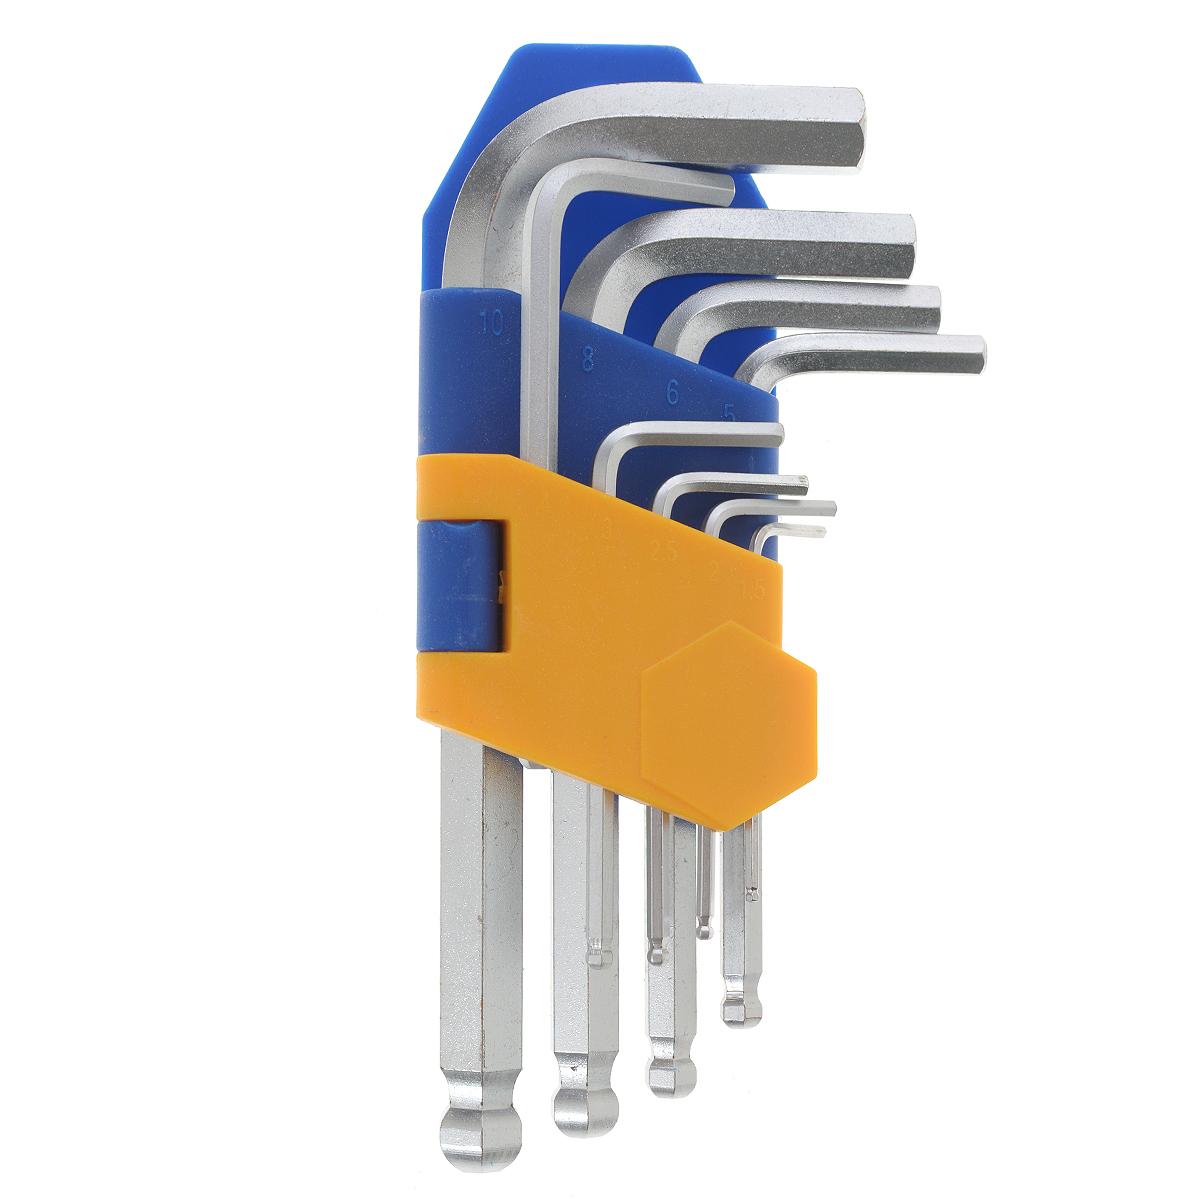 Набор ключей шестигранных Kraft Professional, коротких, с шаром, 1,5 мм - 10 мм, 9 шт80621Набор шестигранных коротких ключей Kraft Professional предназначен для работы с крепежными элементами, имеющими внутренний шестигранник. Каждый ключ изготовлен из хромованадиевой стали и оснащен шаровым наконечником, который позволяет работать в труднодоступных местах под углом до 25 градусов. В набор входят ключи: 1,5 мм, 2 мм, 2,5 мм, 3 мм, 4 мм, 5 мм, 6 мм, 8 мм, 10 мм.